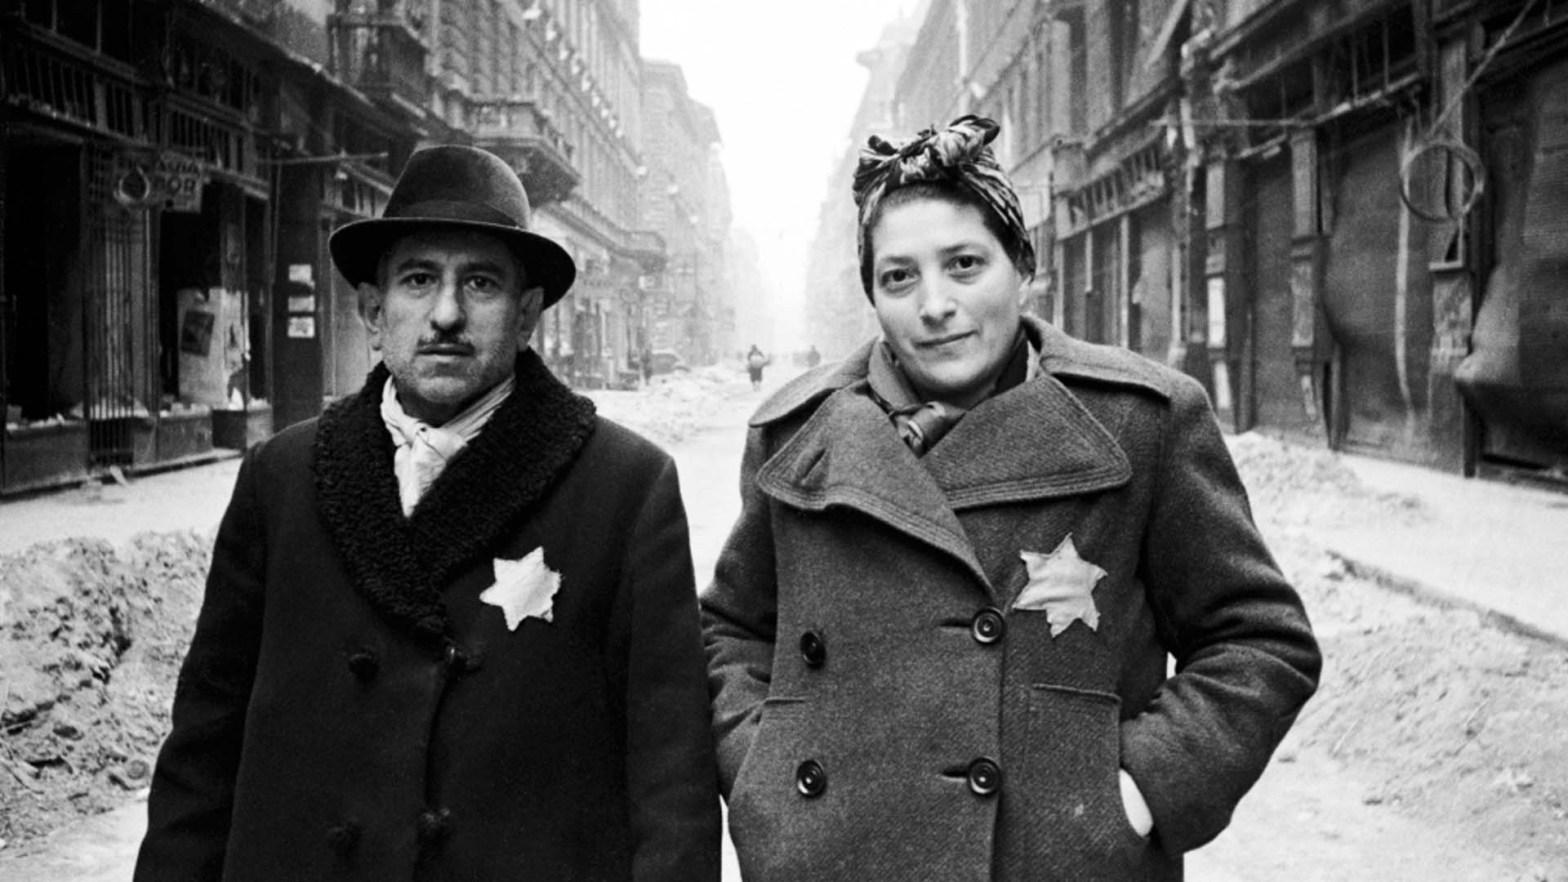 Stella di David per gli ebrei durante il nazismo